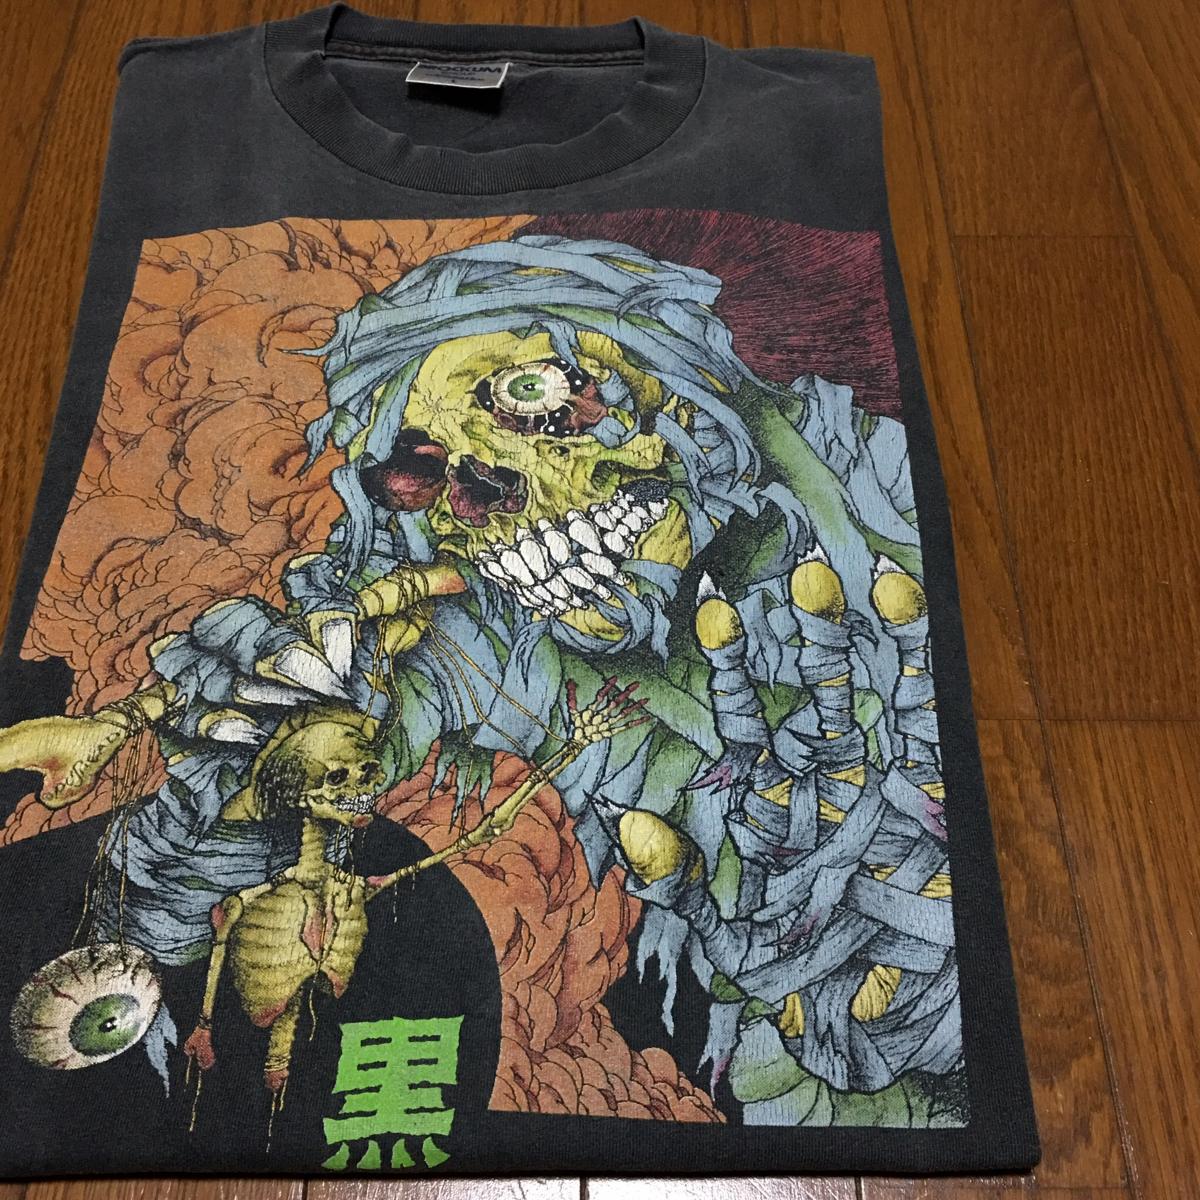 パスヘッド 黒ライン ヴィンテージ オールドスケート Tシャツ 90年代 PUSHEAD